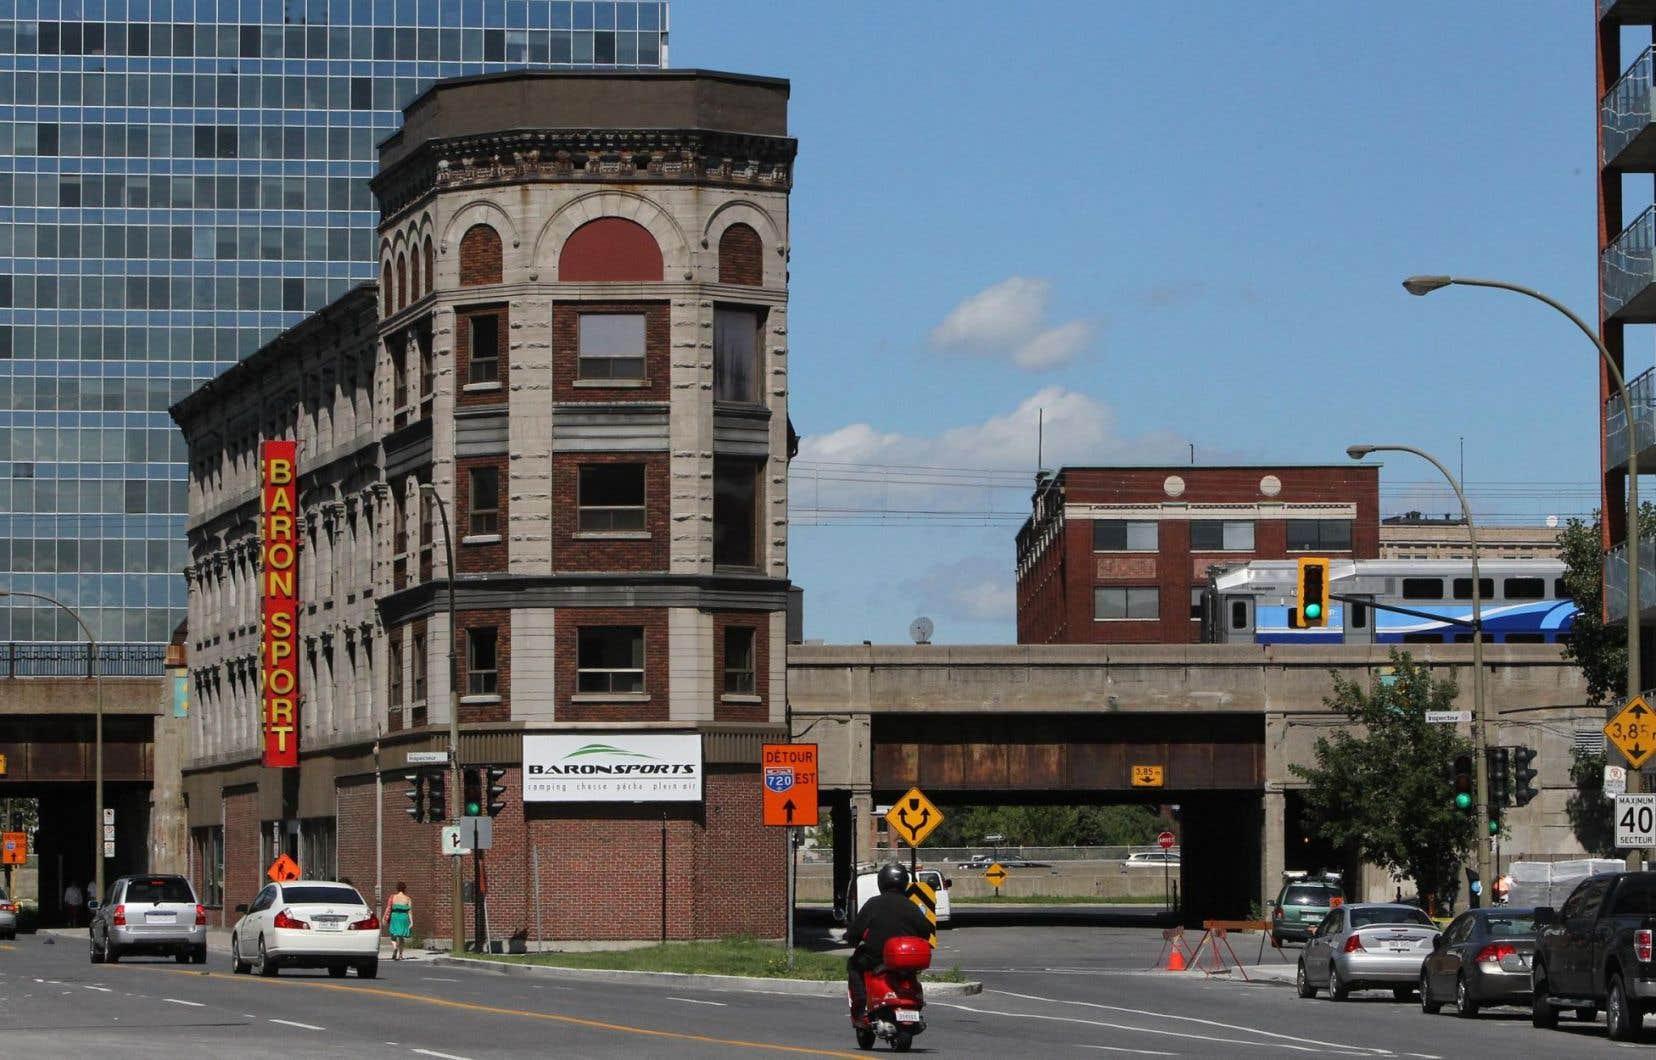 La Ville comptait amputer partiellement le bâtiment pour permettre l'aménagement d'un passage d'autobus sur la rue Dalhousie dans le cadre du réaménagement de l'autoroute en Bonaventure.